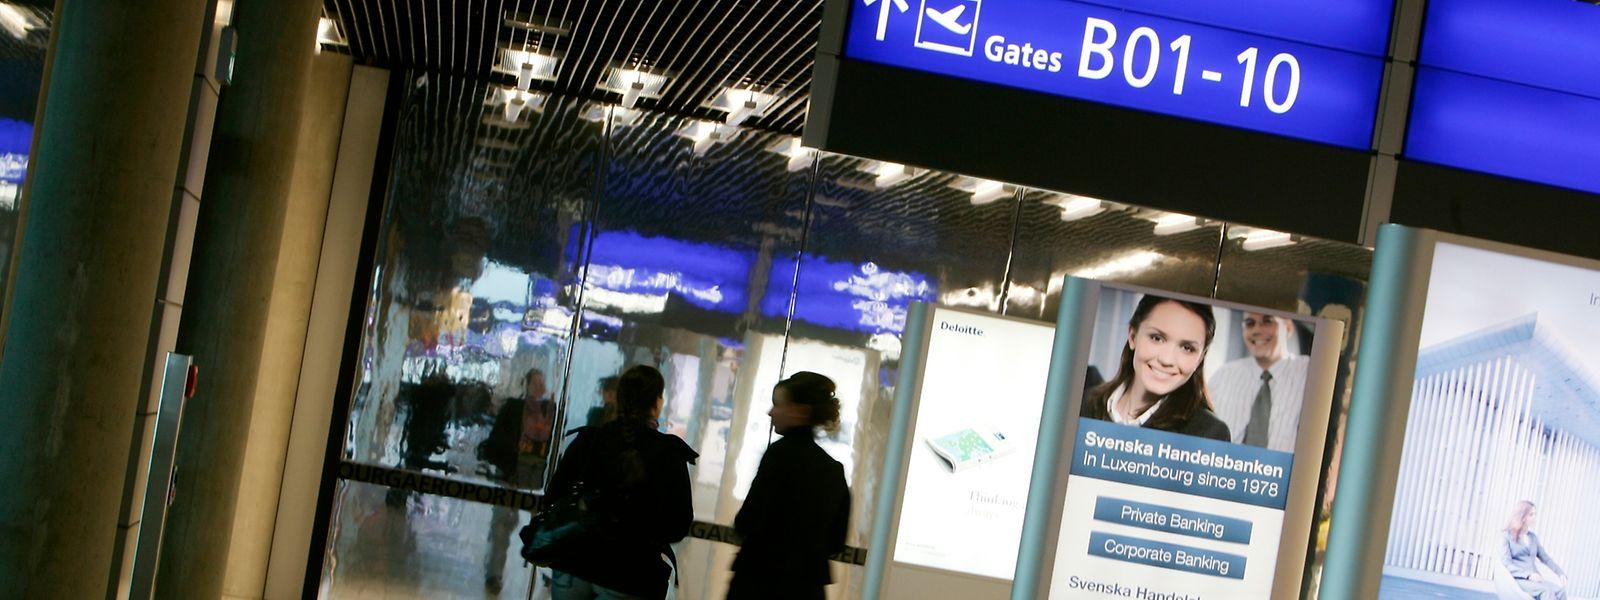 Das Terminal B, das für die Abfertigung kleinerer Flugzeuge bestimmt ist, wird seit Jahren nicht mehr genutzt.